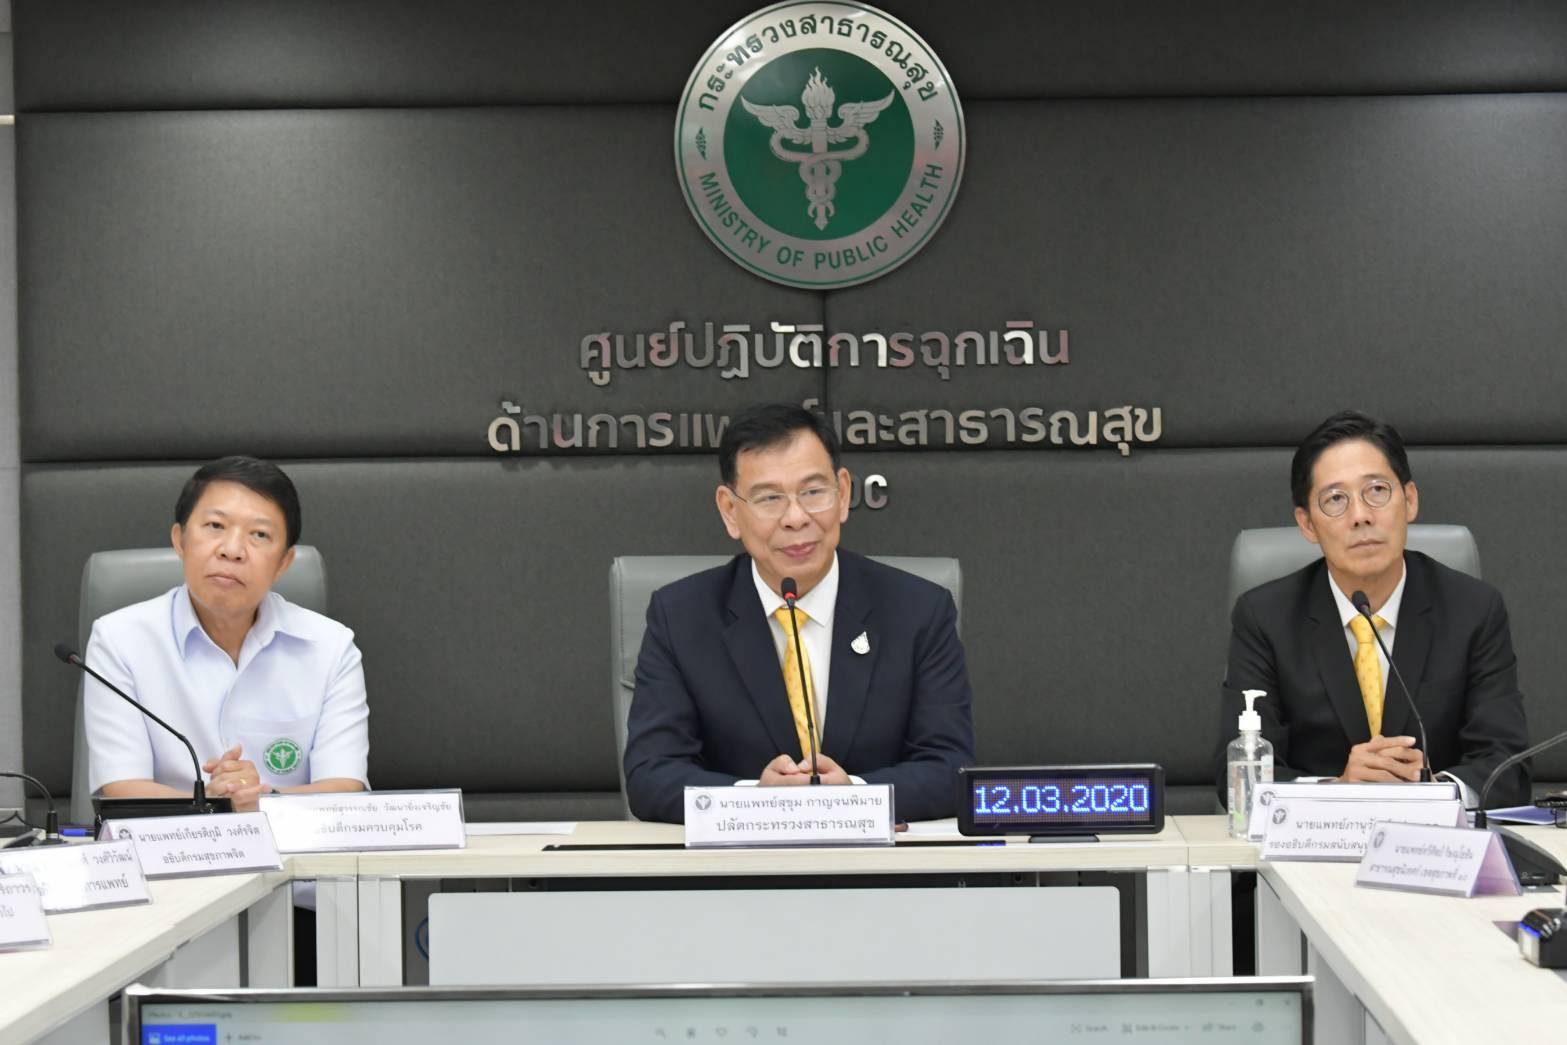 ปาร์ตี้ร่วมชาวฮ่องกง ทำคนไทยป่วยโควิด-19 รวดเดียว 11 ราย พบดื่มเหล้า-สูบบุหรี่ร่วมกัน